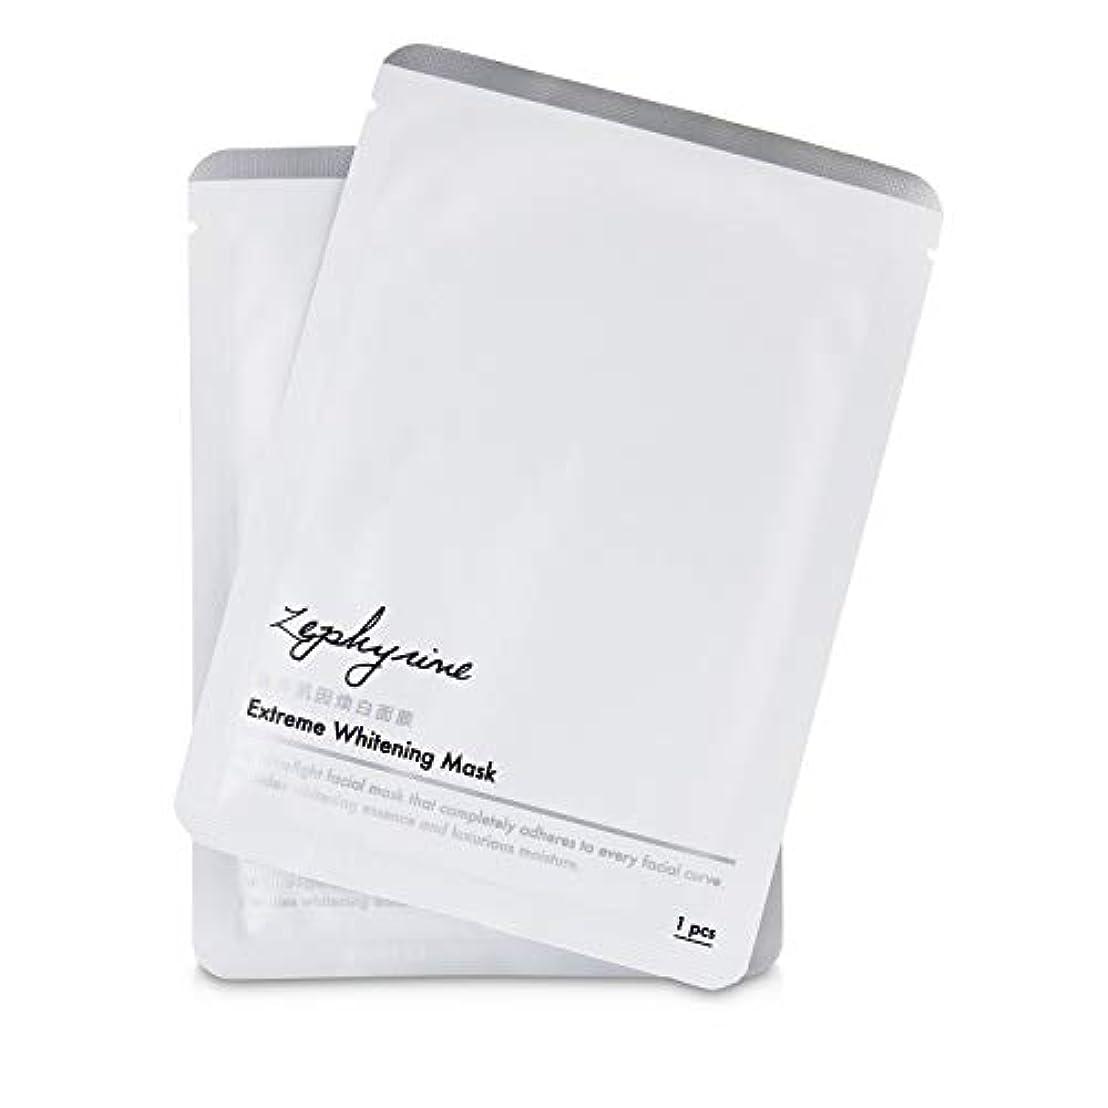 休日ユニークなそれぞれZephyrine Extreme Whitening Mask 3pcs並行輸入品